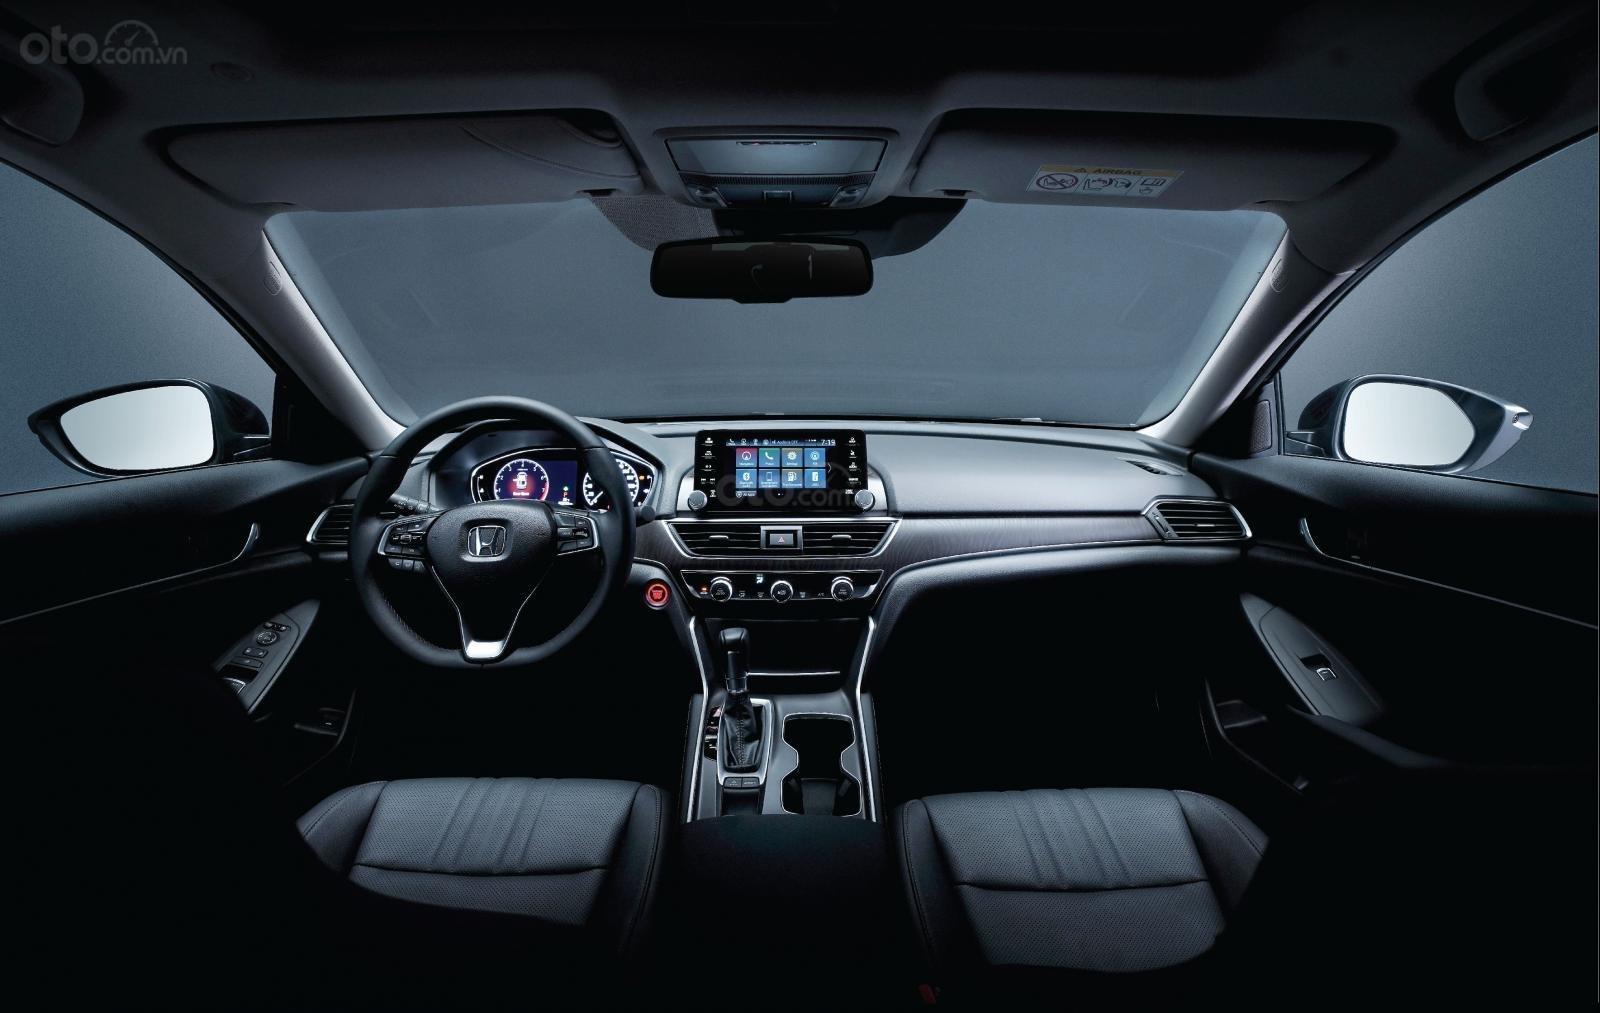 Honda Accord 2020 đủ màu, giao ngay, giảm tiền mặt khủng, hỗ trợ thuế trước bạ, nhận xe chỉ với 390tr (7)